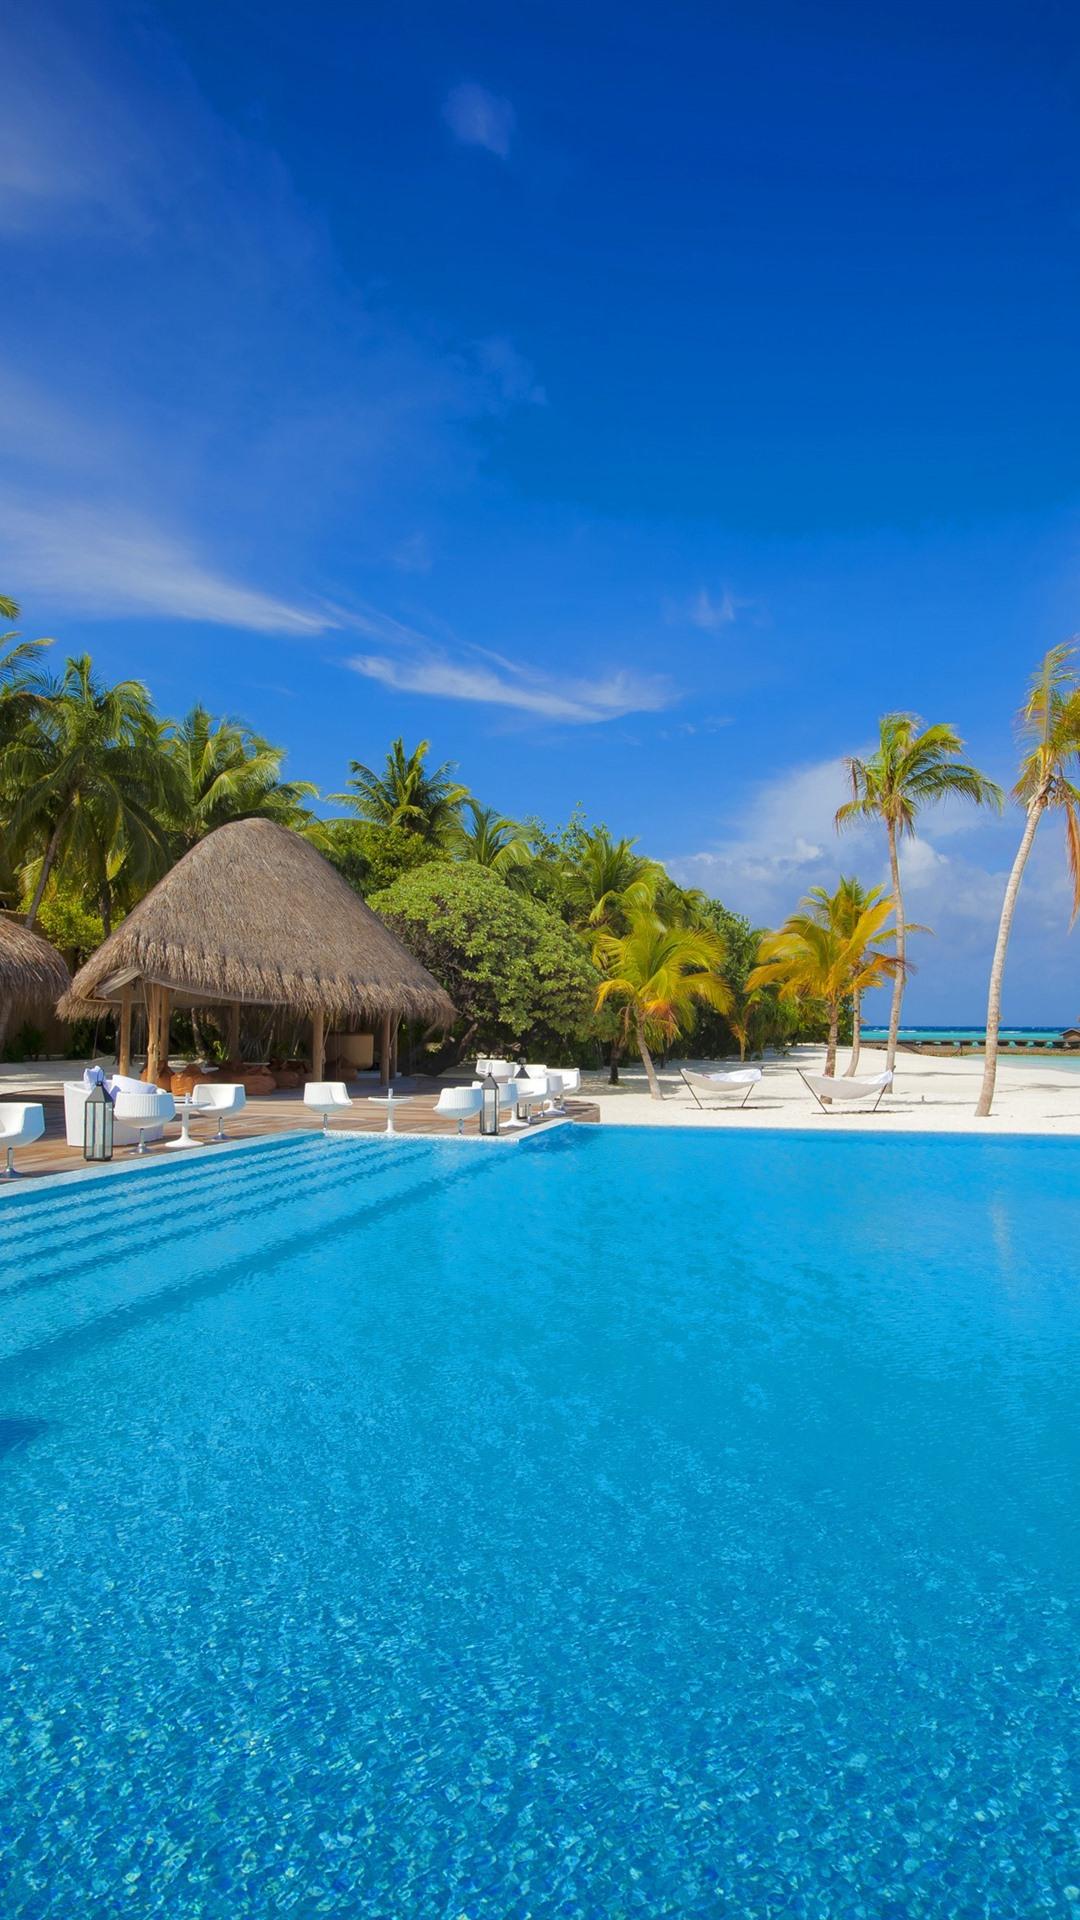 Fonds D Ecran Maldives Piscine Palmiers Chaises Tables 2880x1800 Hd Image